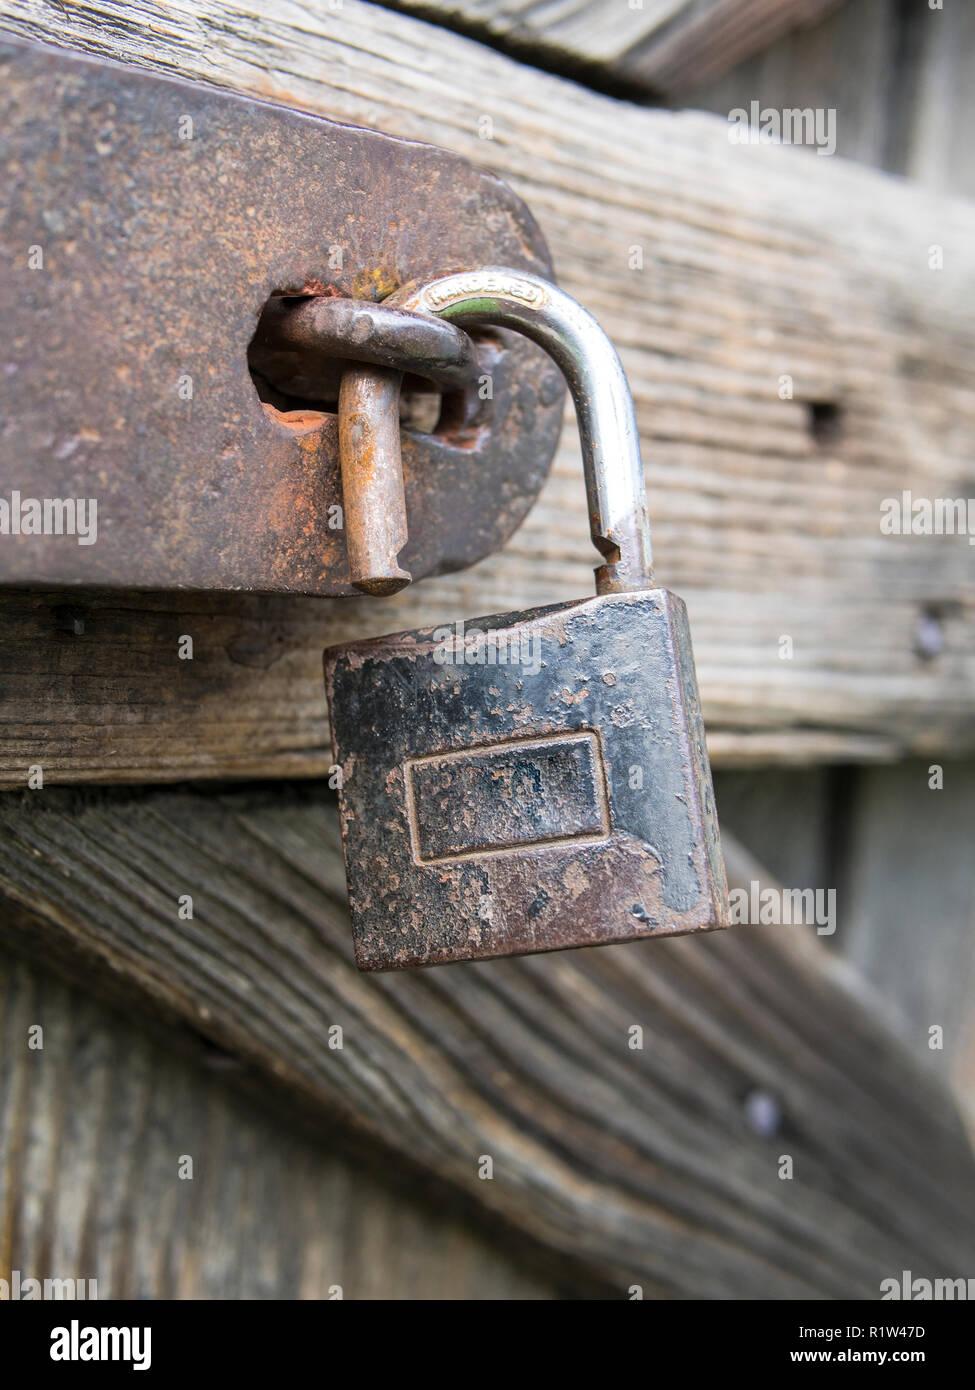 Un vieux sur le cadenas, les portes en bois patiné Photo Stock